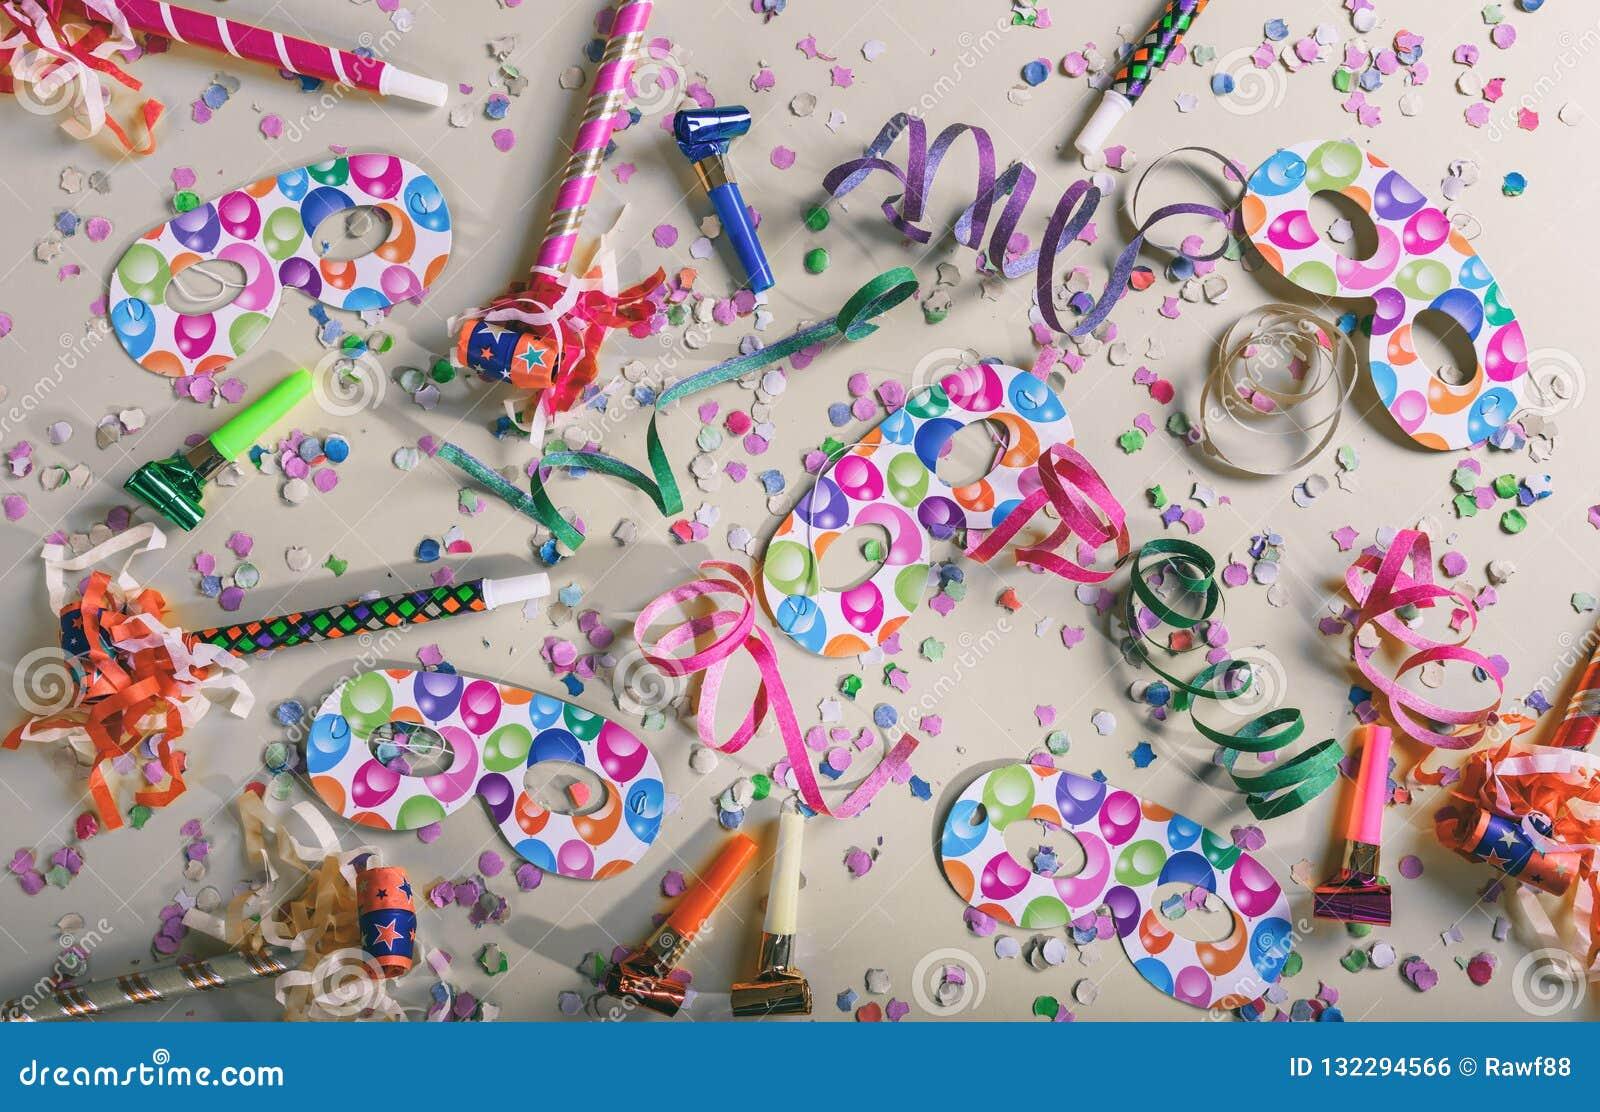 Fiesta del carnaval o de cumpleaños Confeti y serpentinas en fondo gris en colores pastel